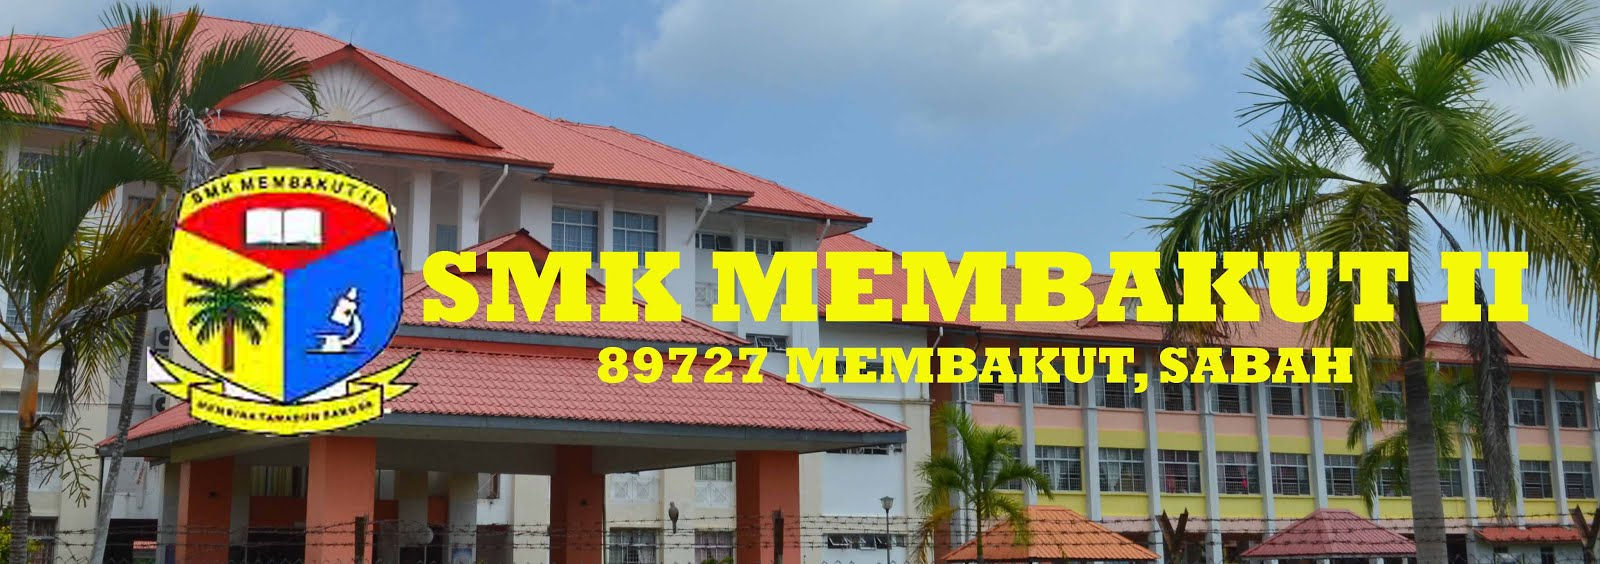 SMK MEMBAKUT II